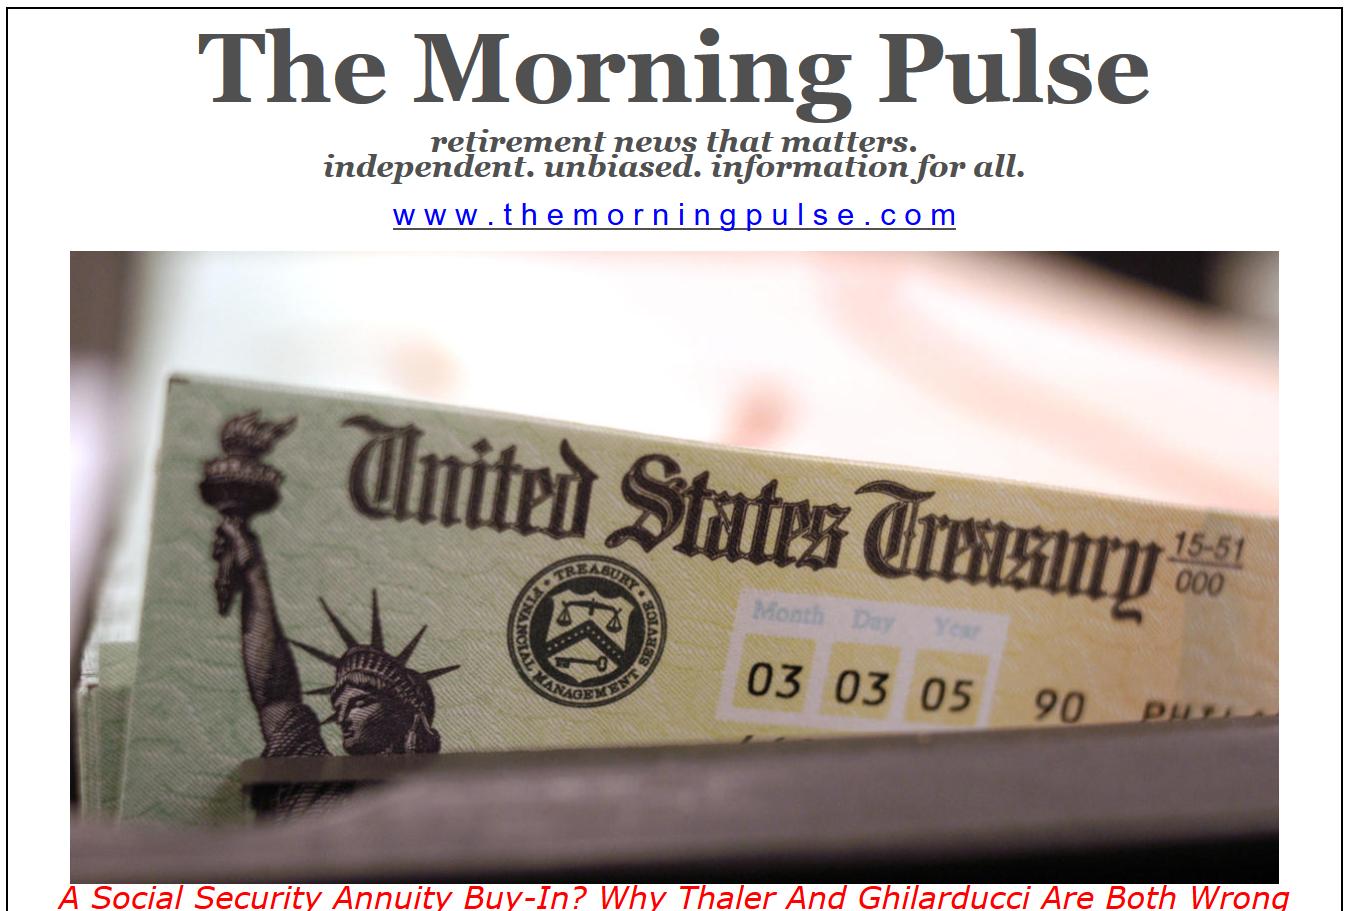 The Morning Pulse – May 3, 2019